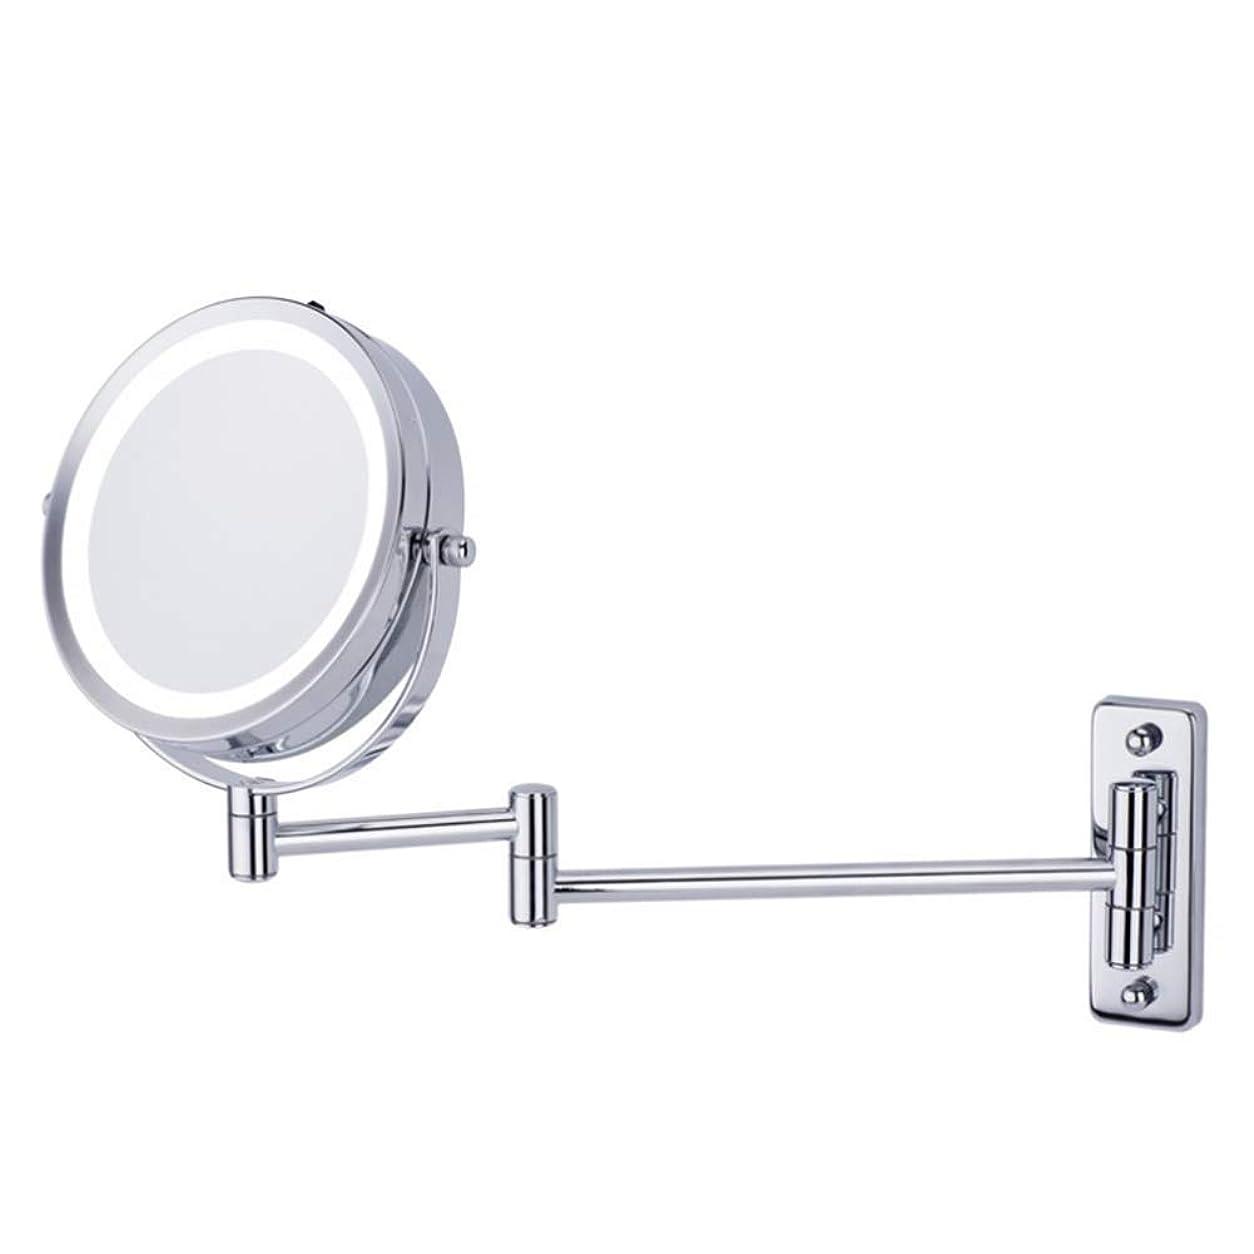 申し立てられたシャーク目立つ軽量化拡大鏡5x拡大鏡ウォールマウント両面6インチ360°;回転延長バニティミラークロームクロームシルバー